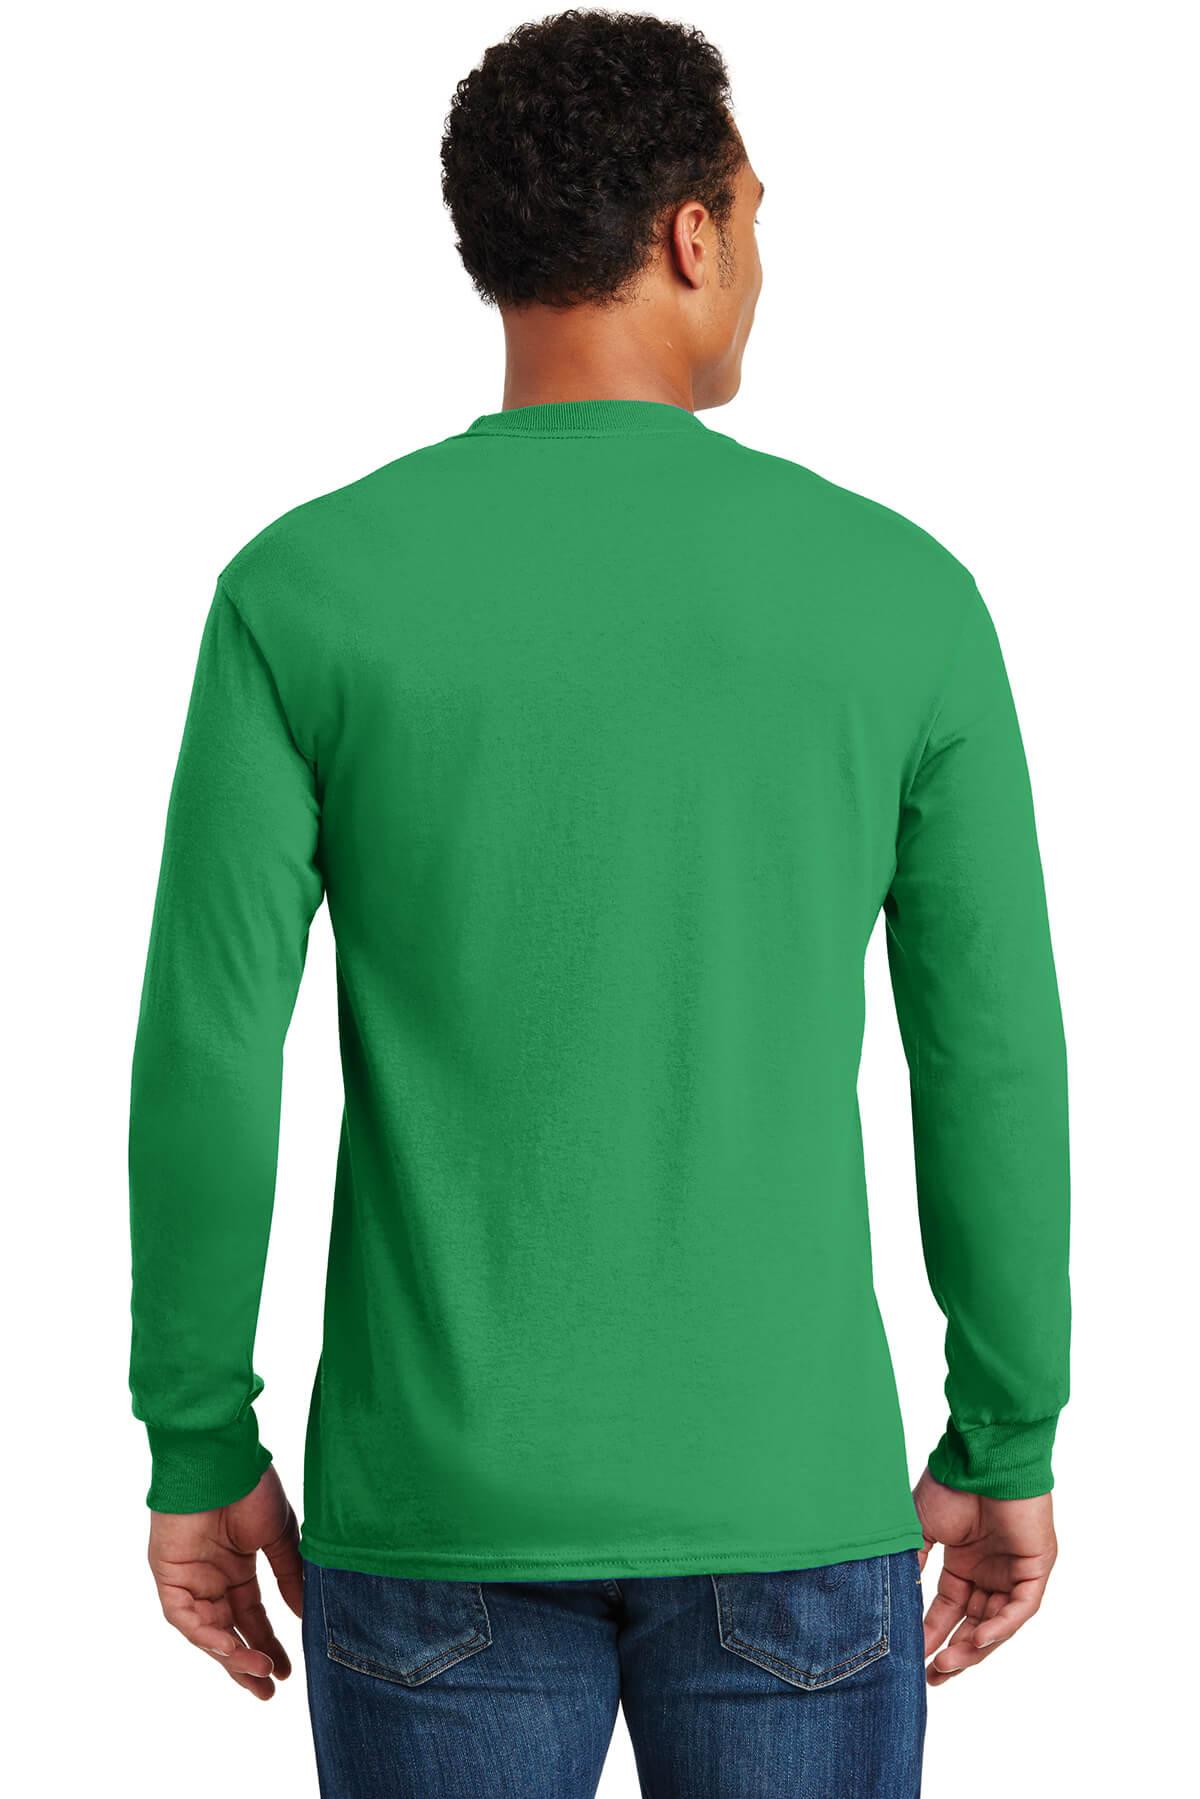 5400-irish-green-2